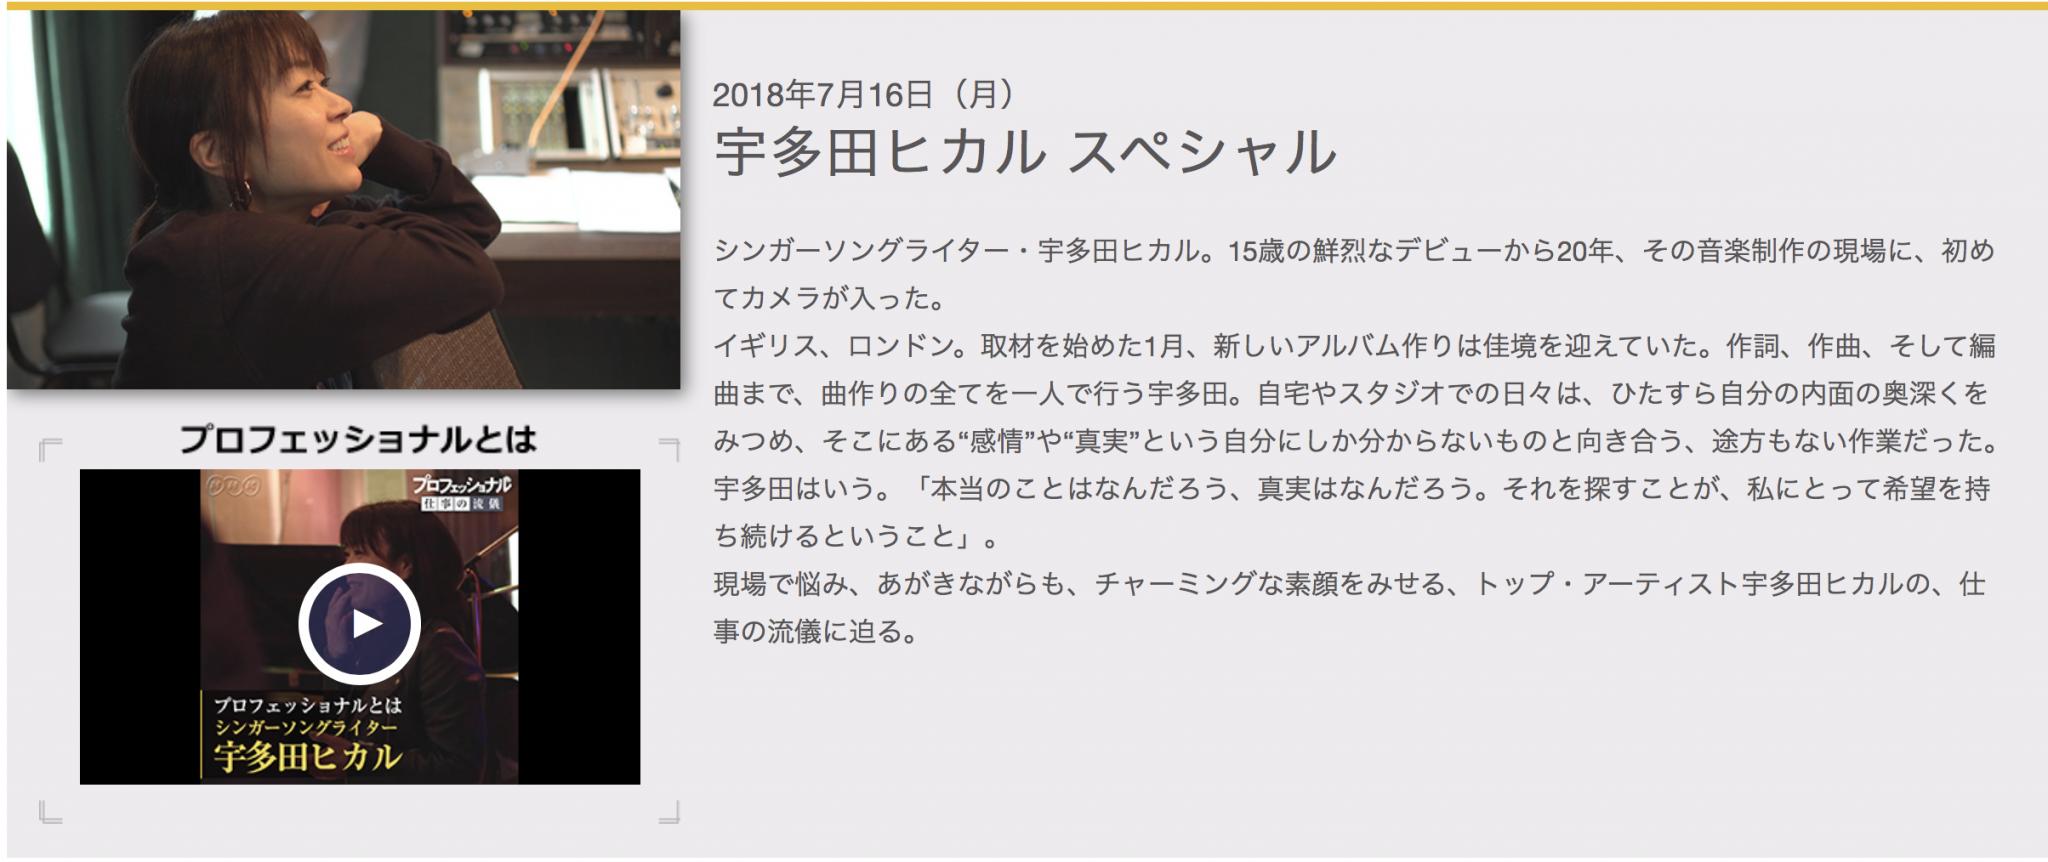 宇多田ヒカルさんがスタジオで使っている機材はこちら!